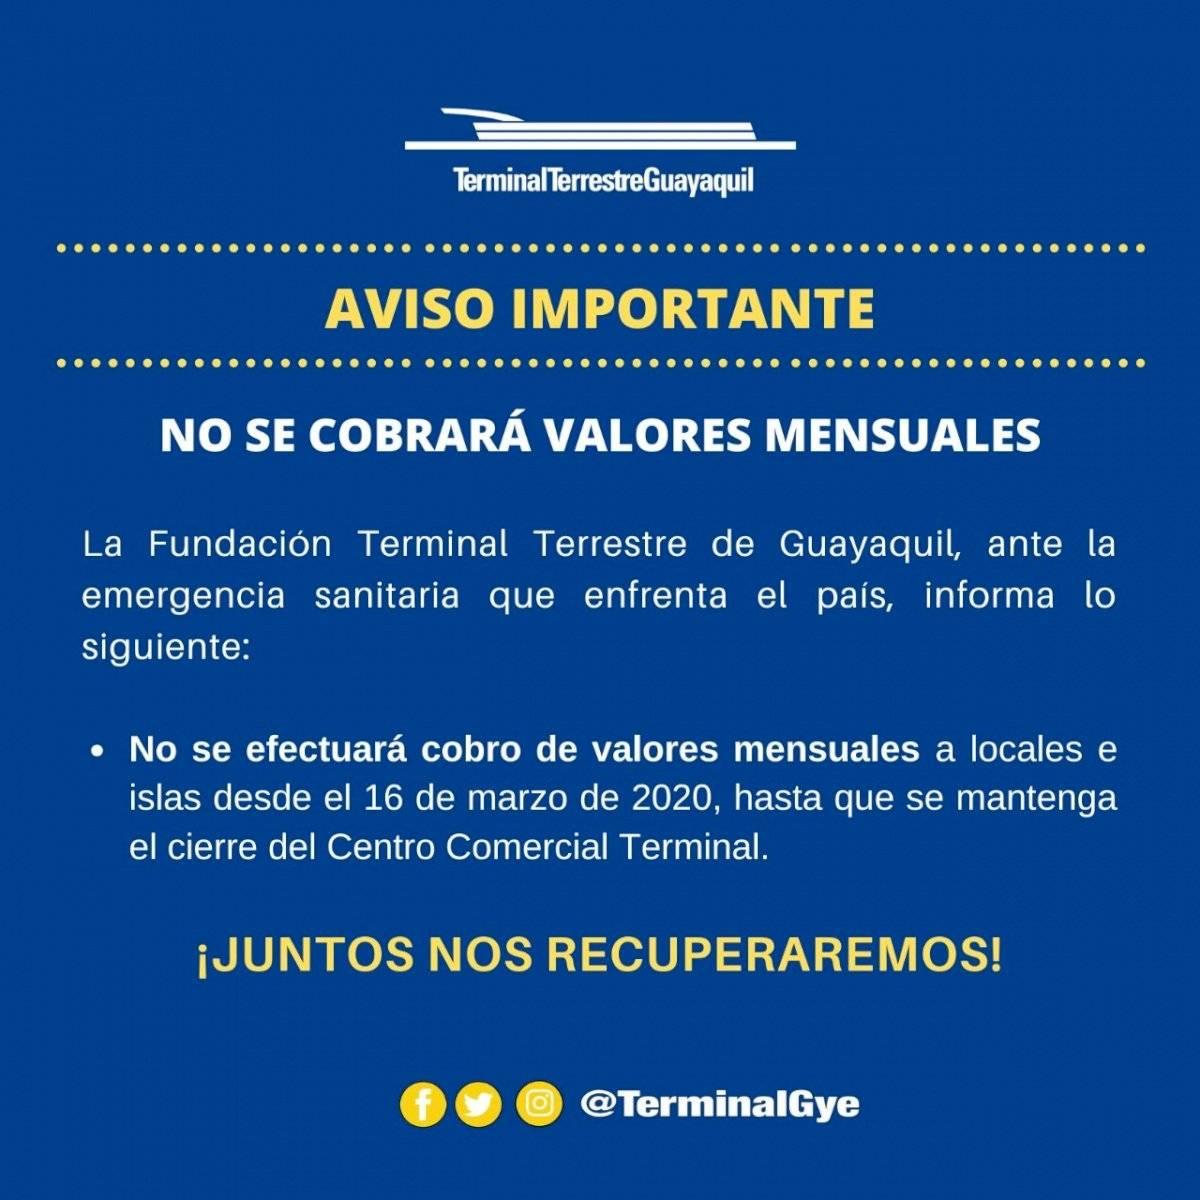 Terminal Terrestre de Guayaquil no cobrará mensualidades a locales e islas